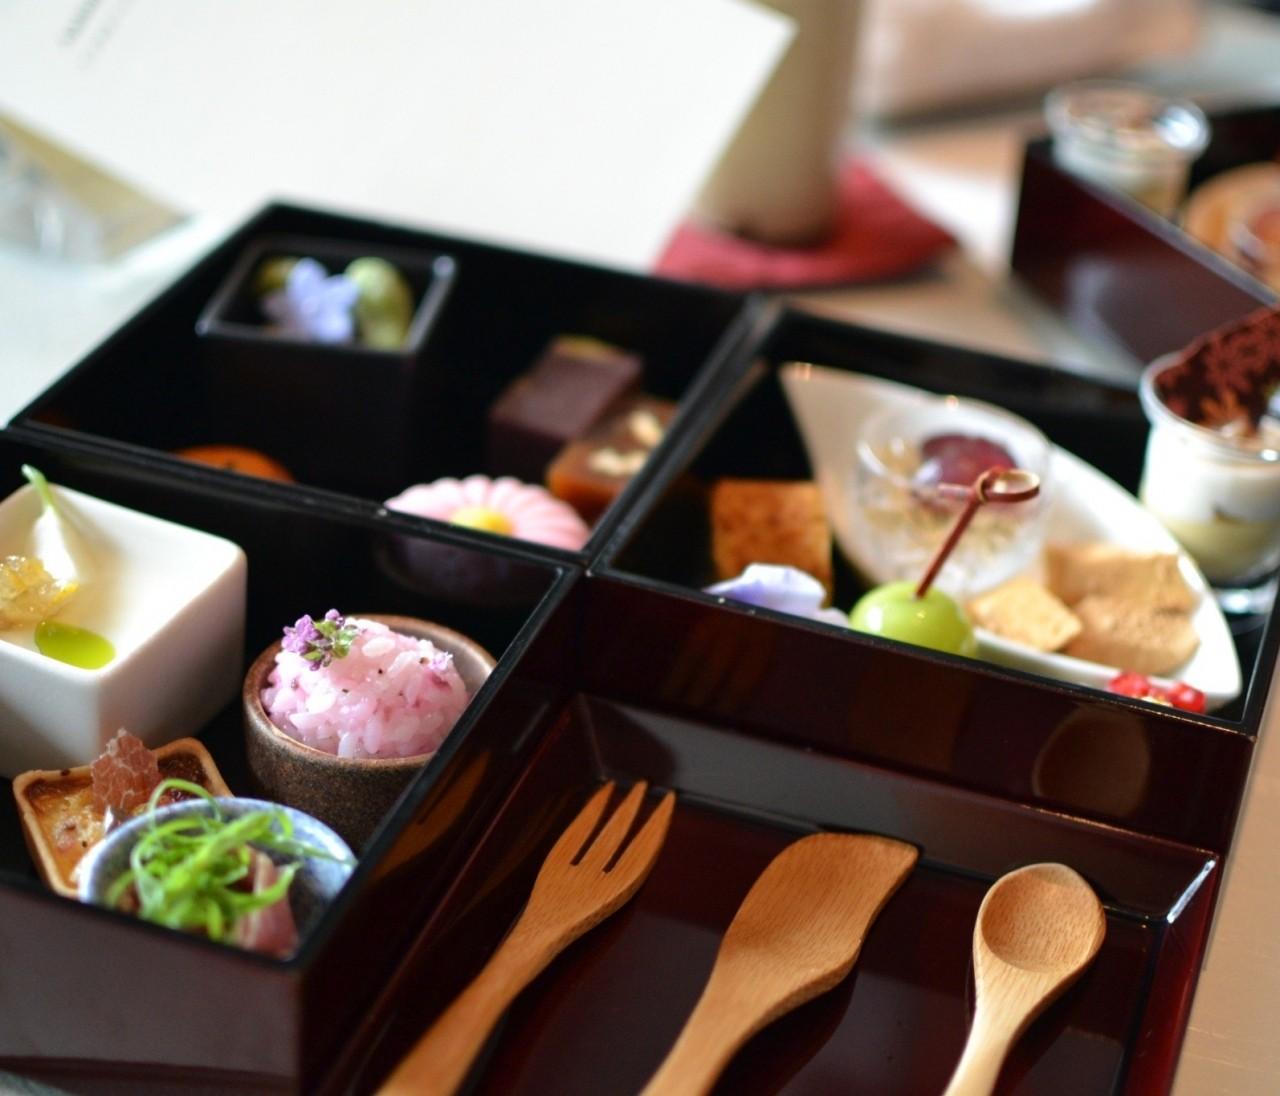 【気分は京都】パレスホテルの和のアフタヌーンティーが美味